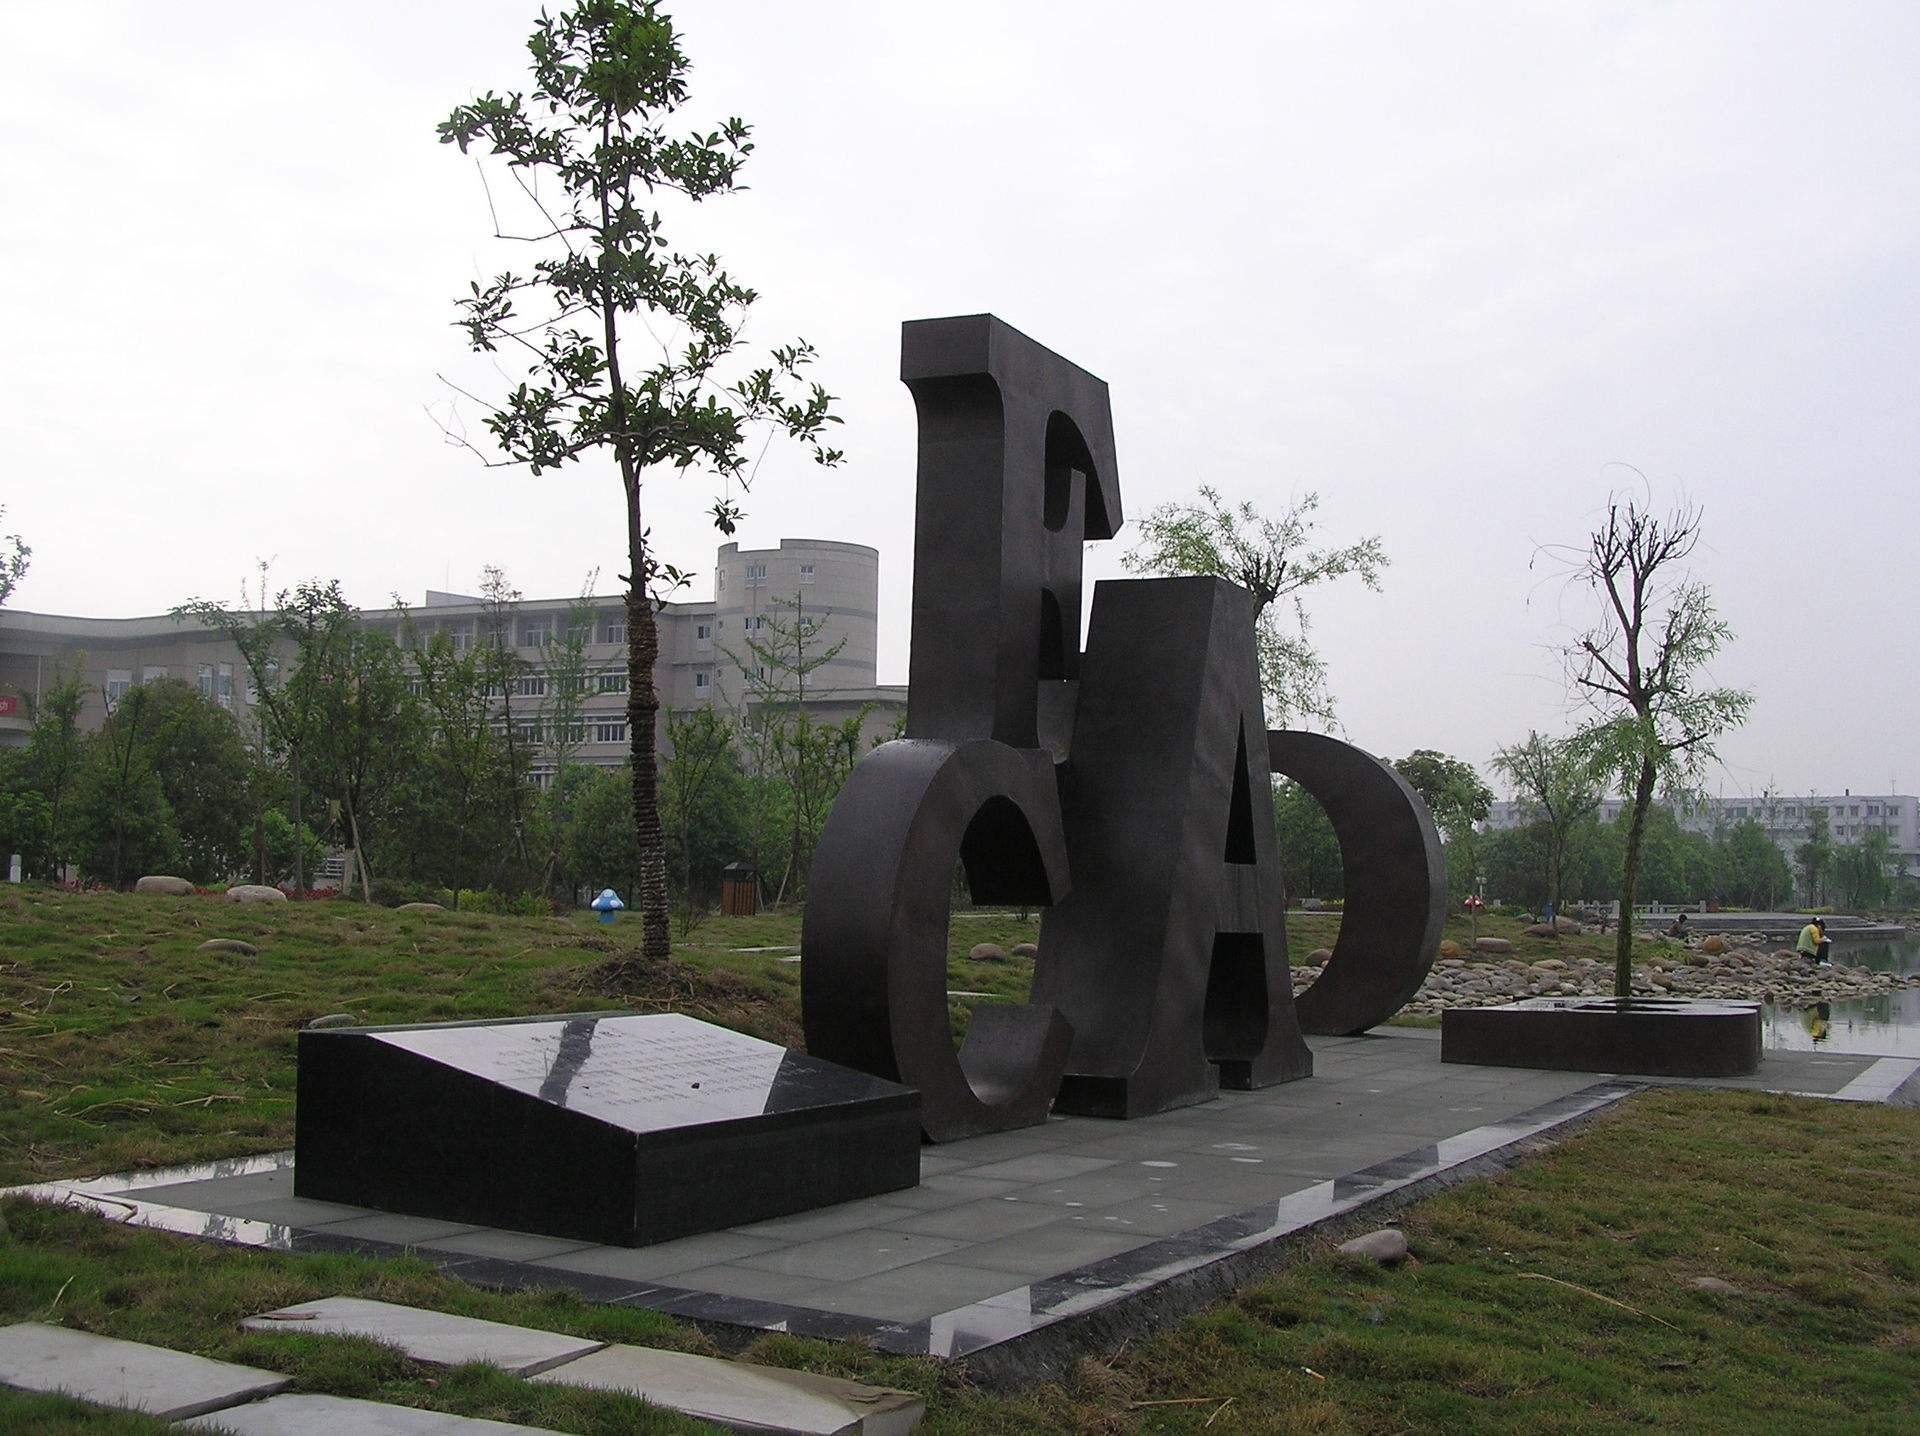 吉安校园景观雕塑